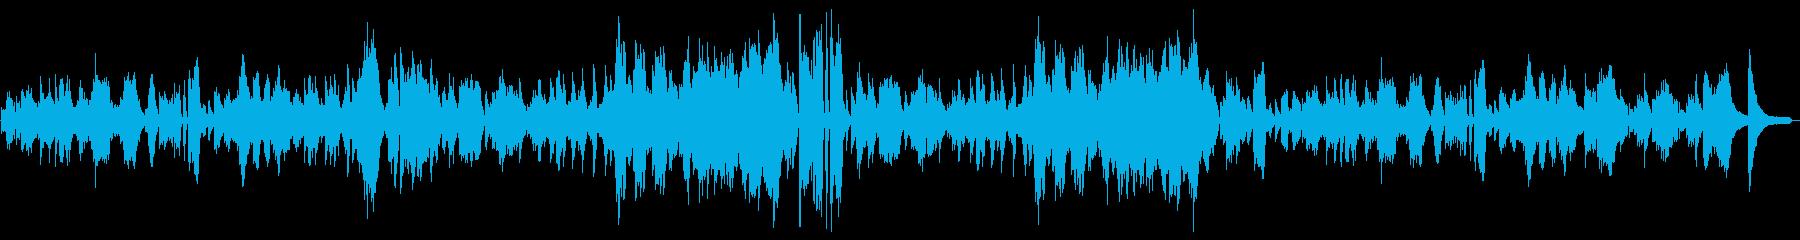 優しく、バロック的な雰囲気のピアノ独奏曲の再生済みの波形